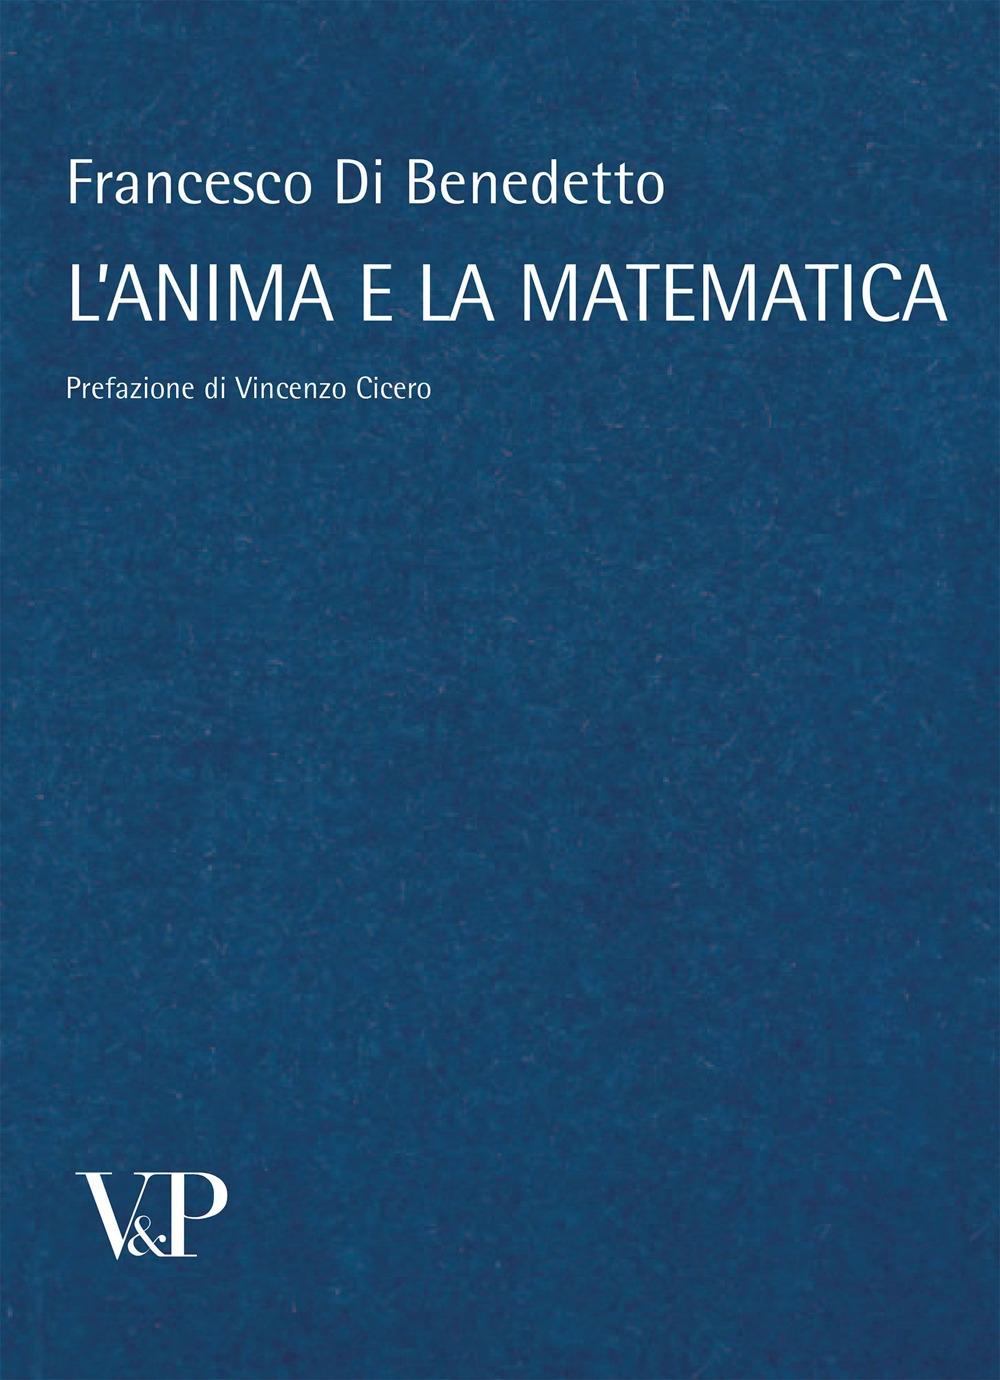 L'anima e la matematica